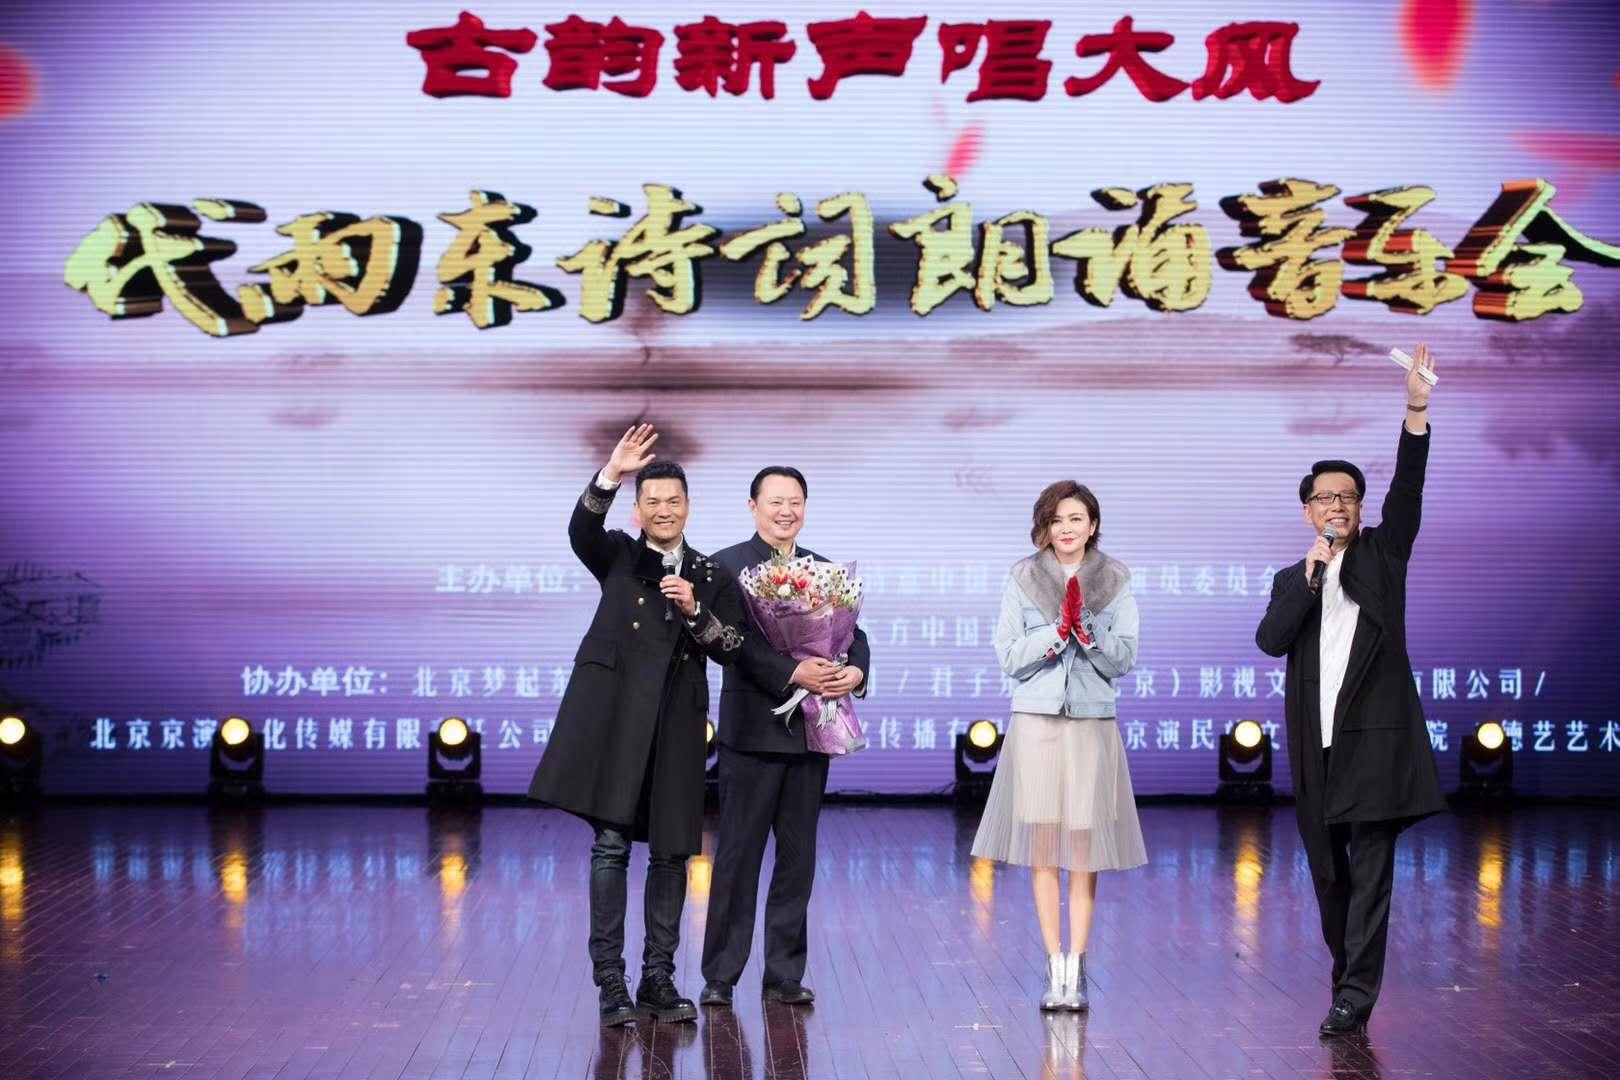 中国中小商业企业协会兼职副会长代雨东诗词朗诵音乐会在京举行